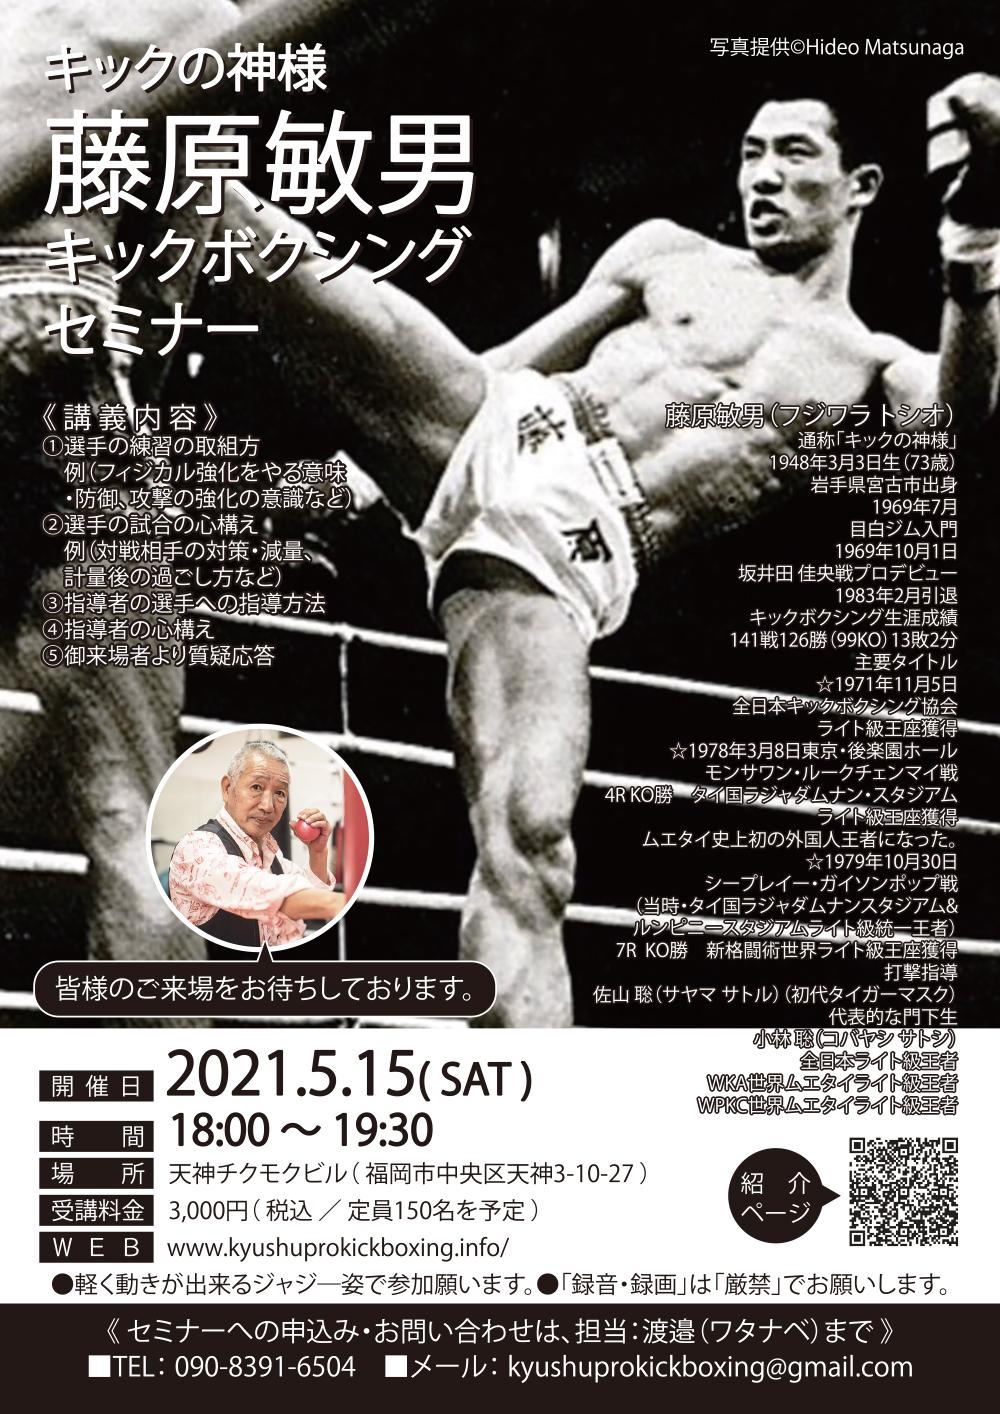 5.15(Sat) 藤原敏男キックボクシングセミナー